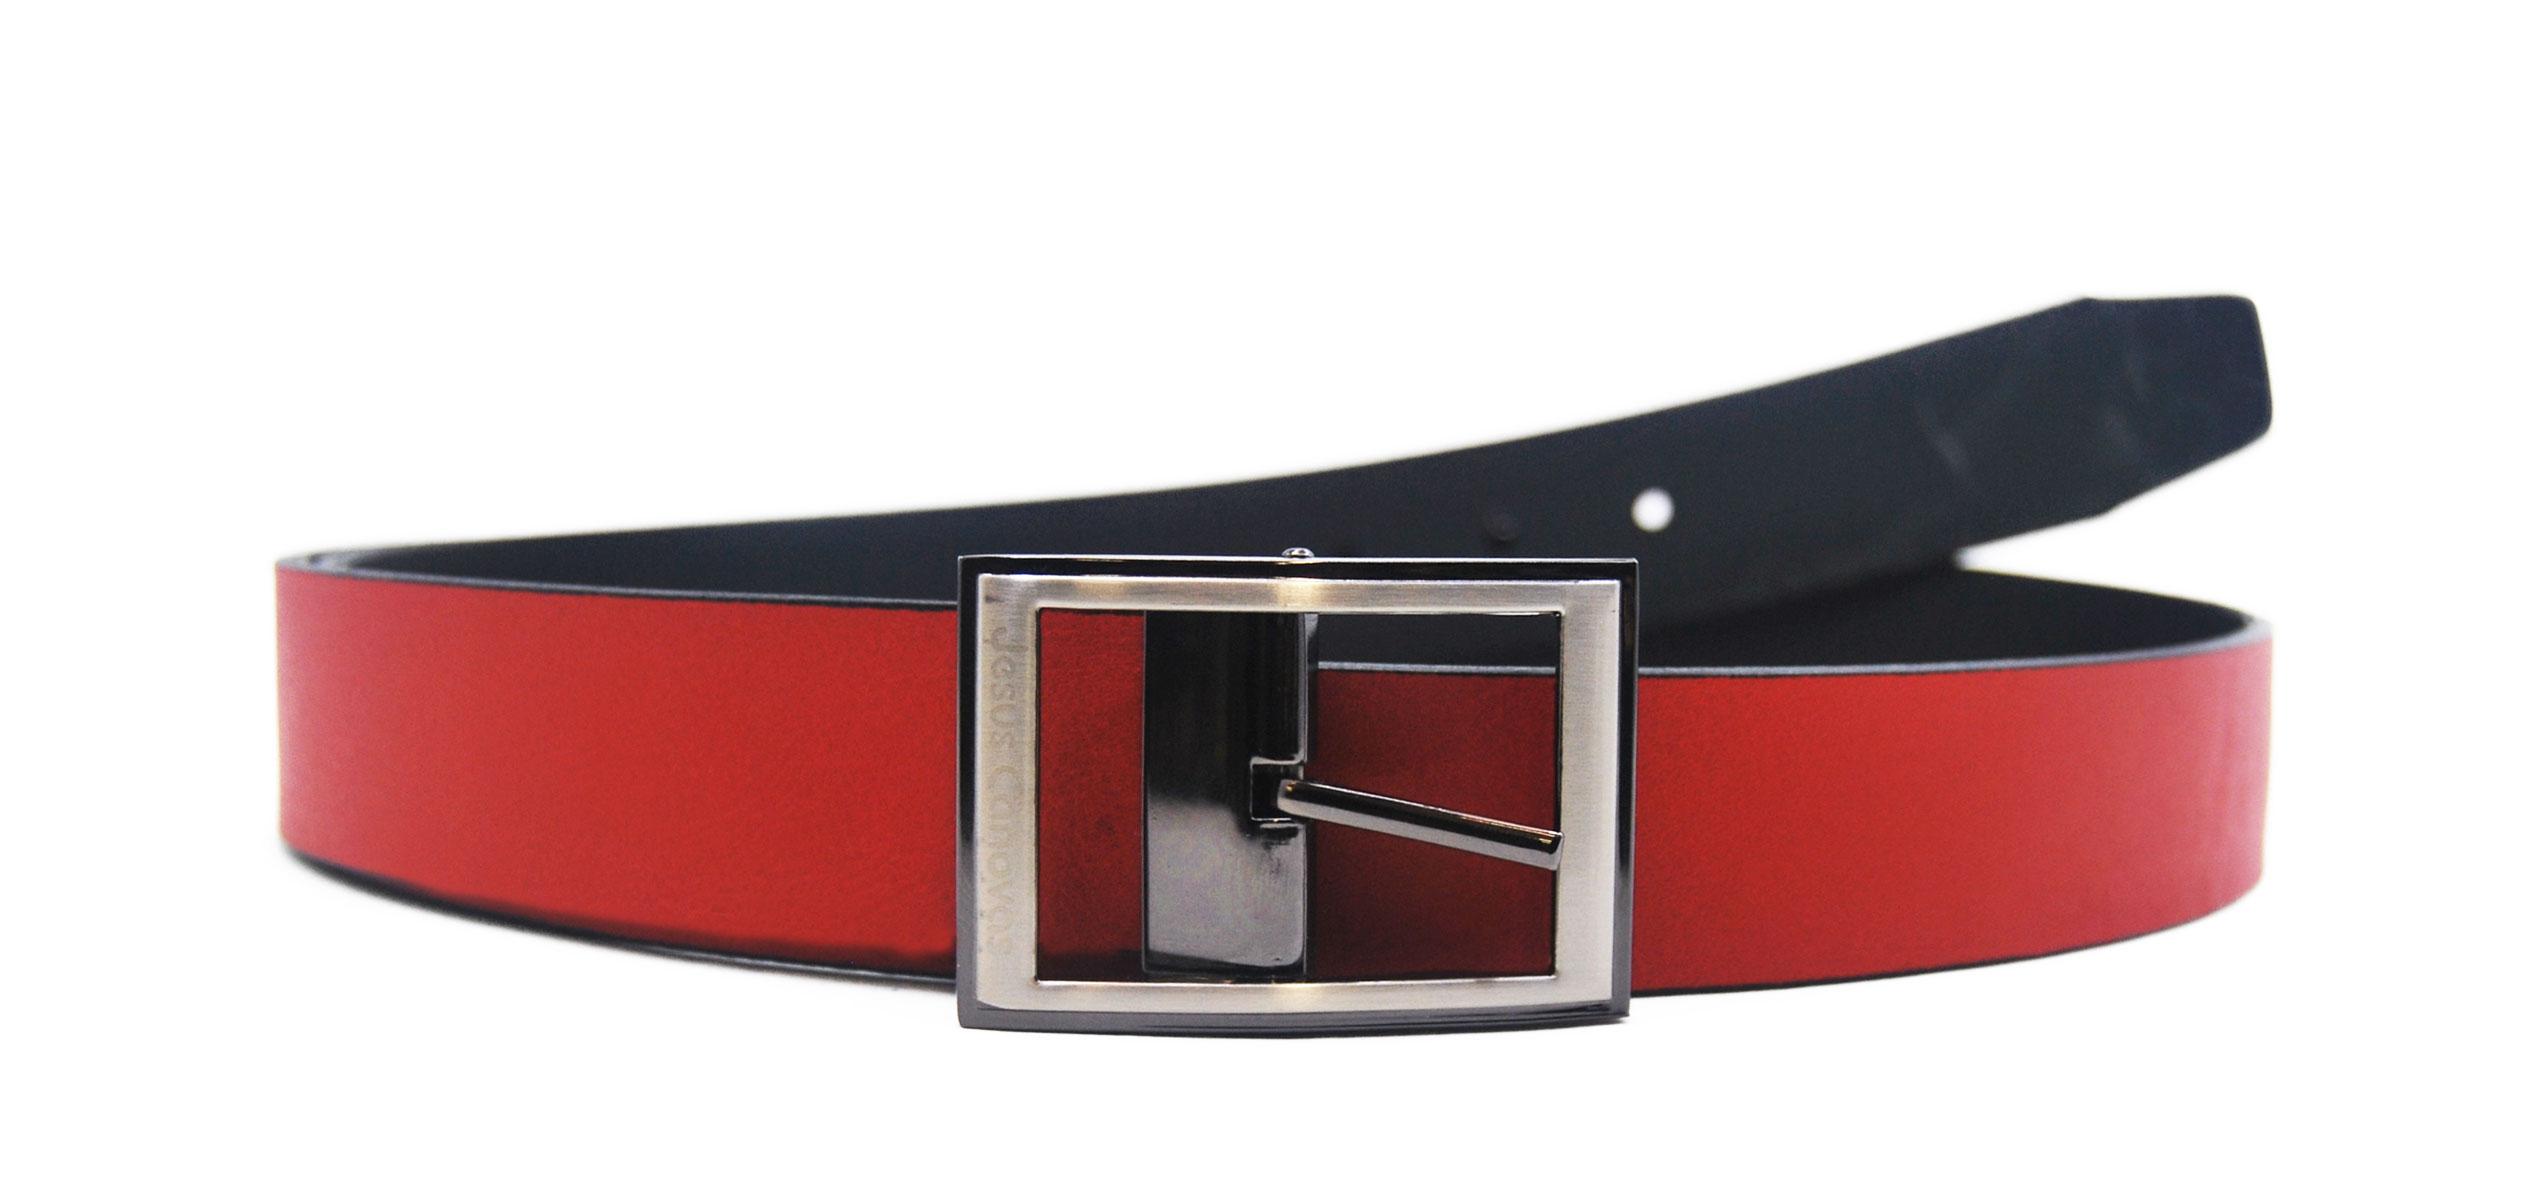 Foto 1 de Cinturón Reversible Rojo